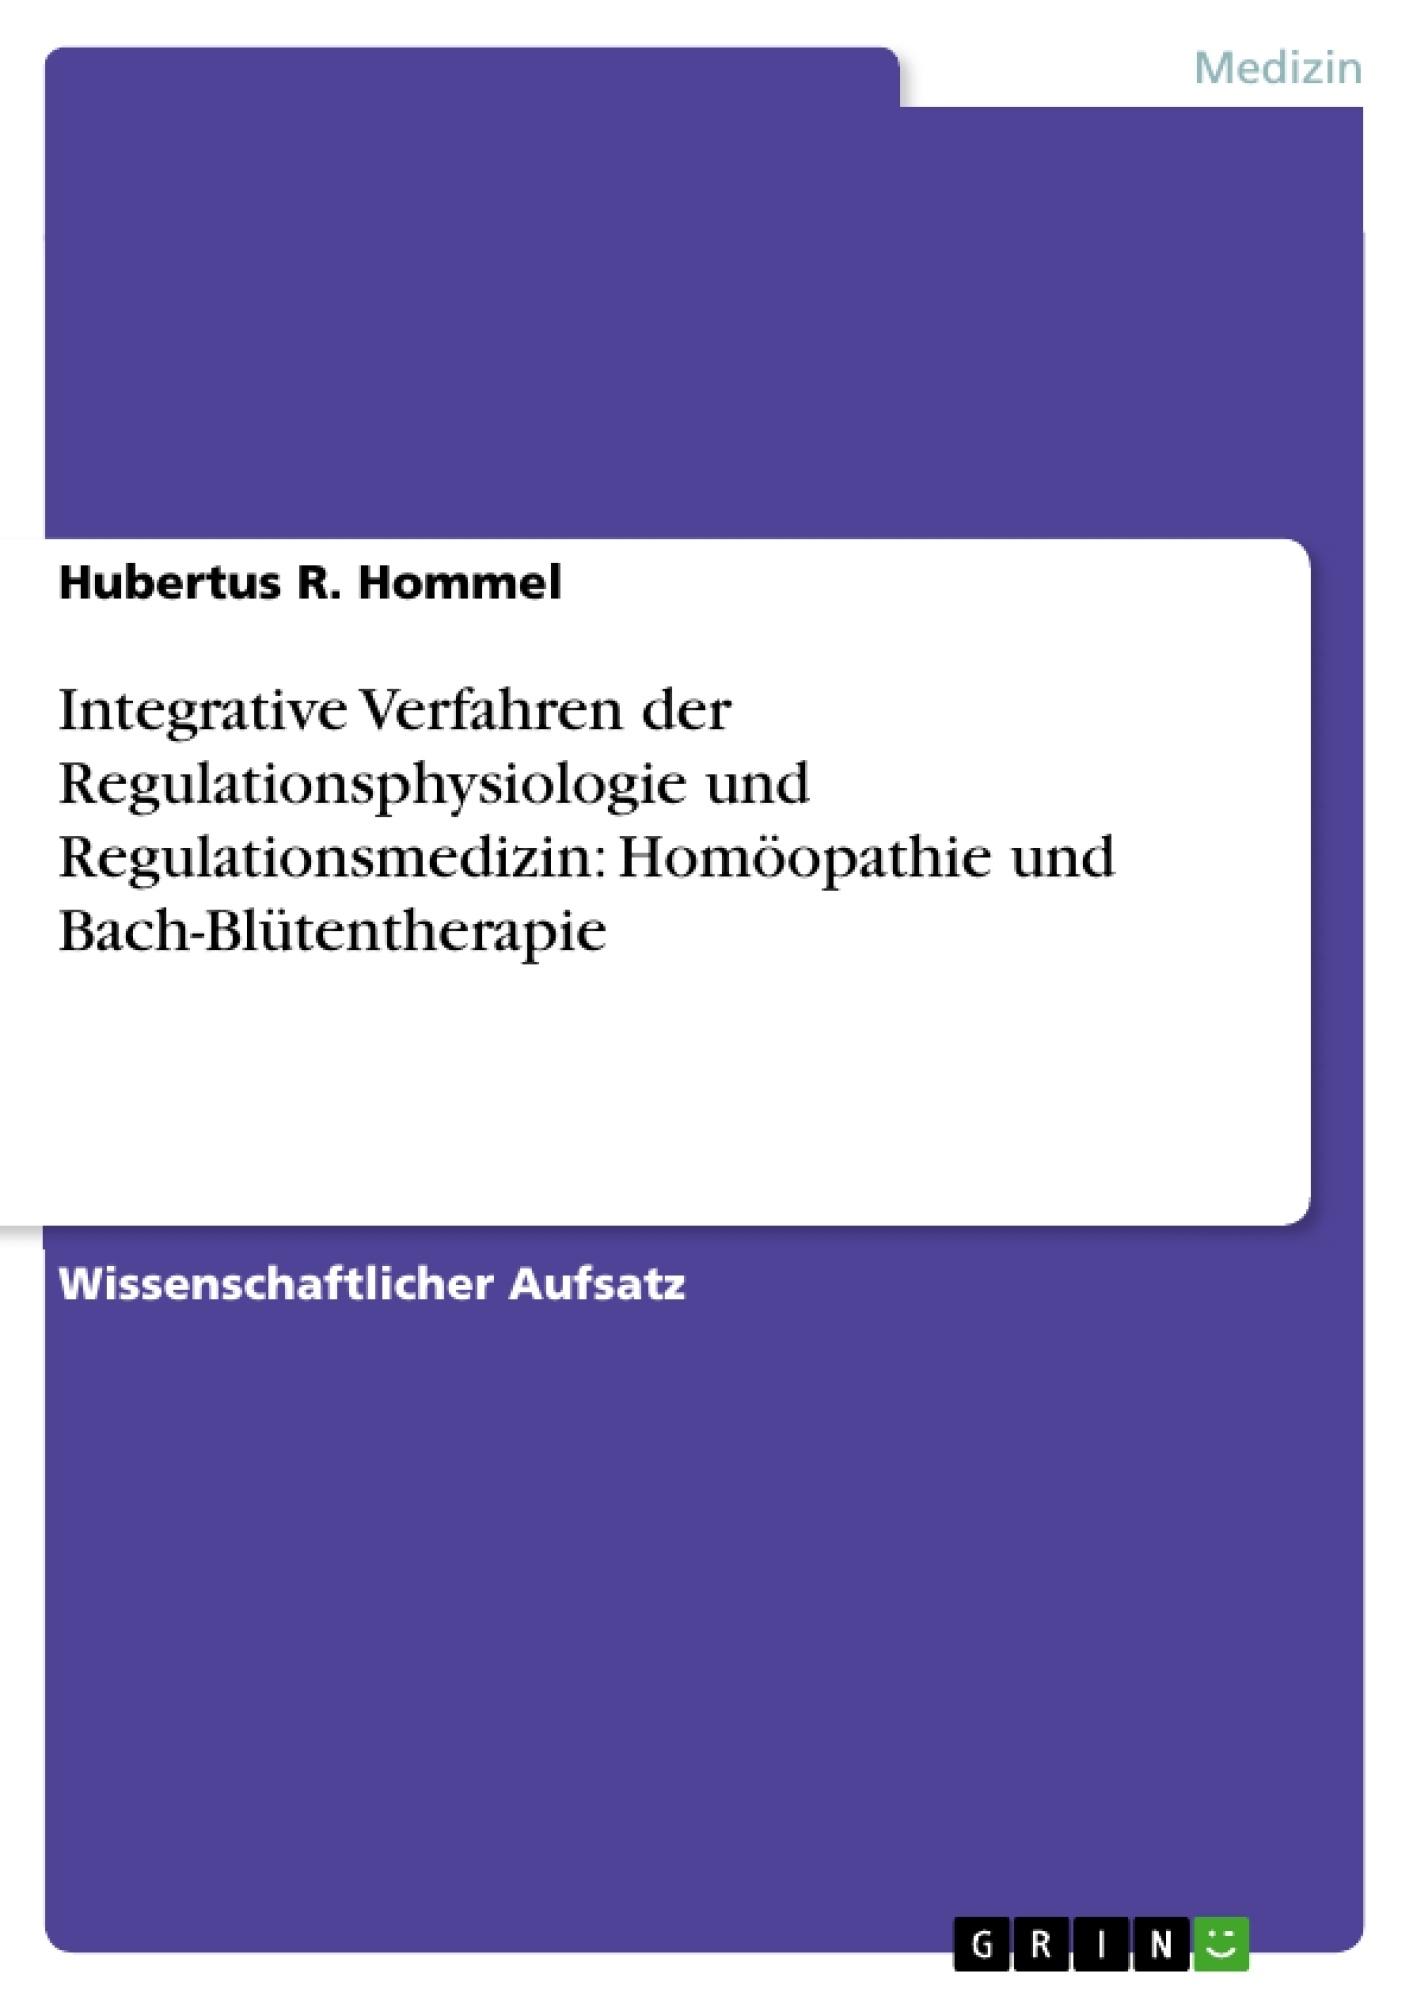 Titel: Integrative Verfahren der Regulationsphysiologie und Regulationsmedizin: Homöopathie und Bach-Blütentherapie